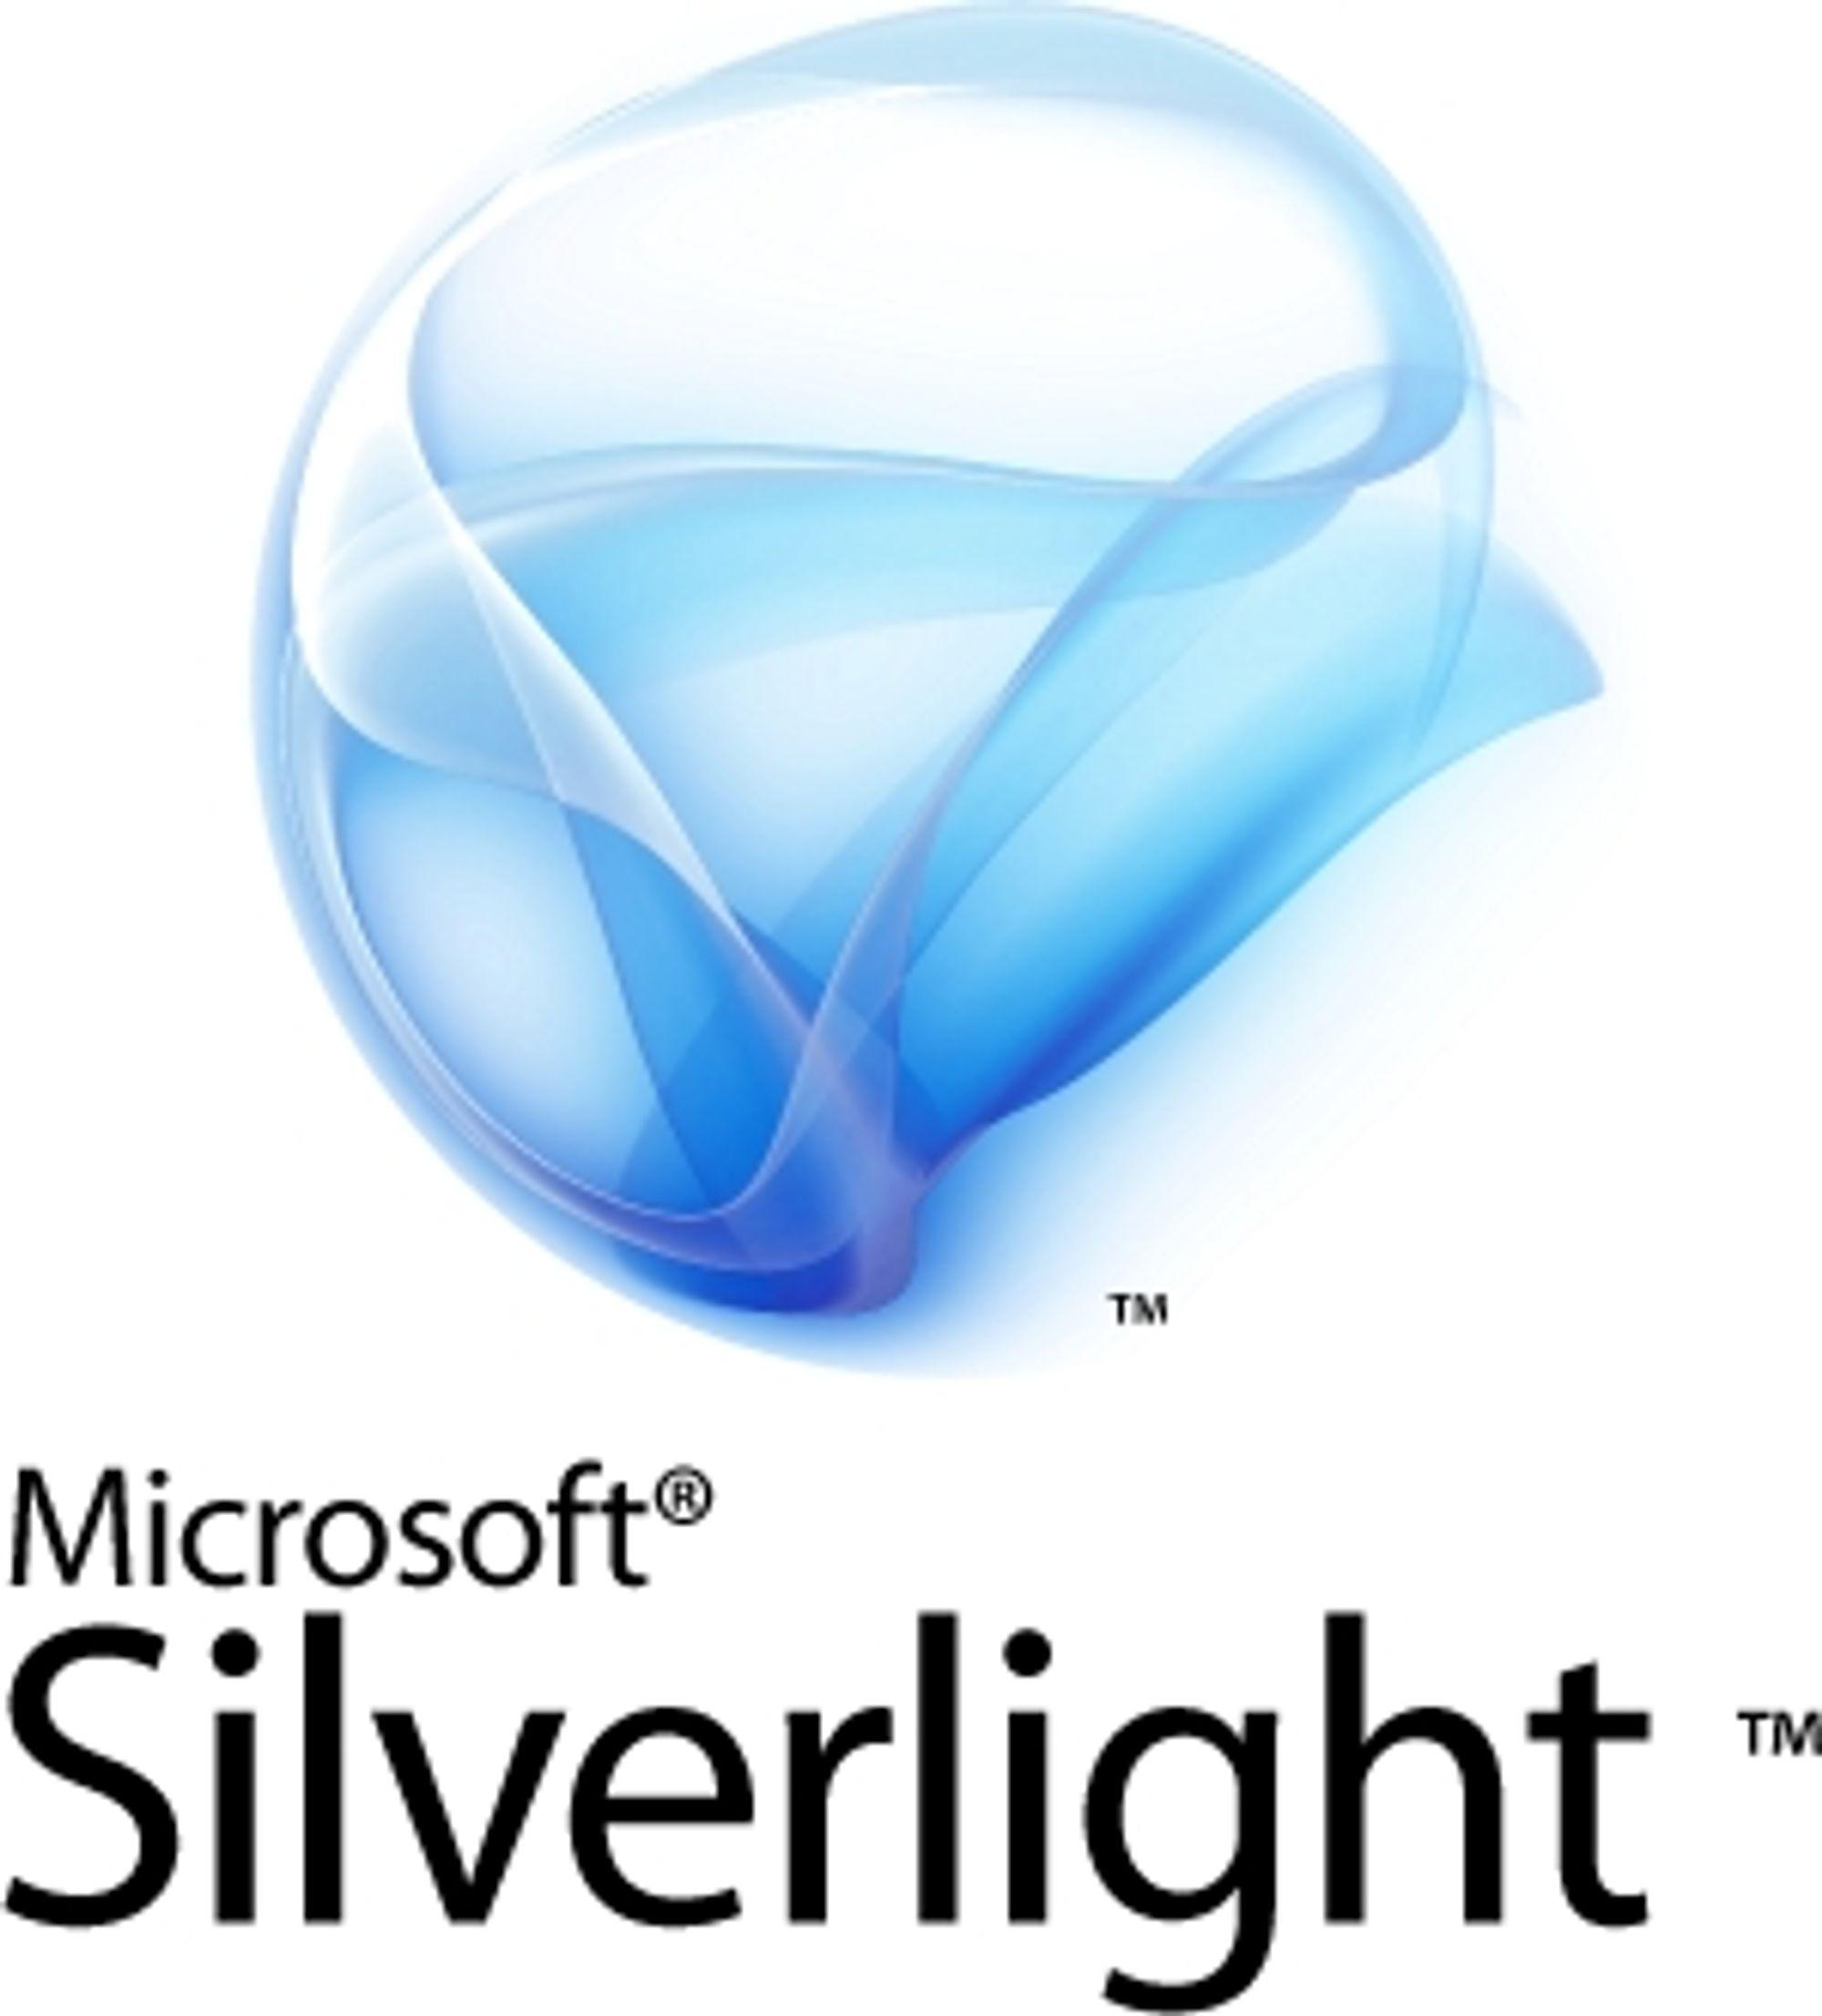 Novell bringer Silverlight til Linux